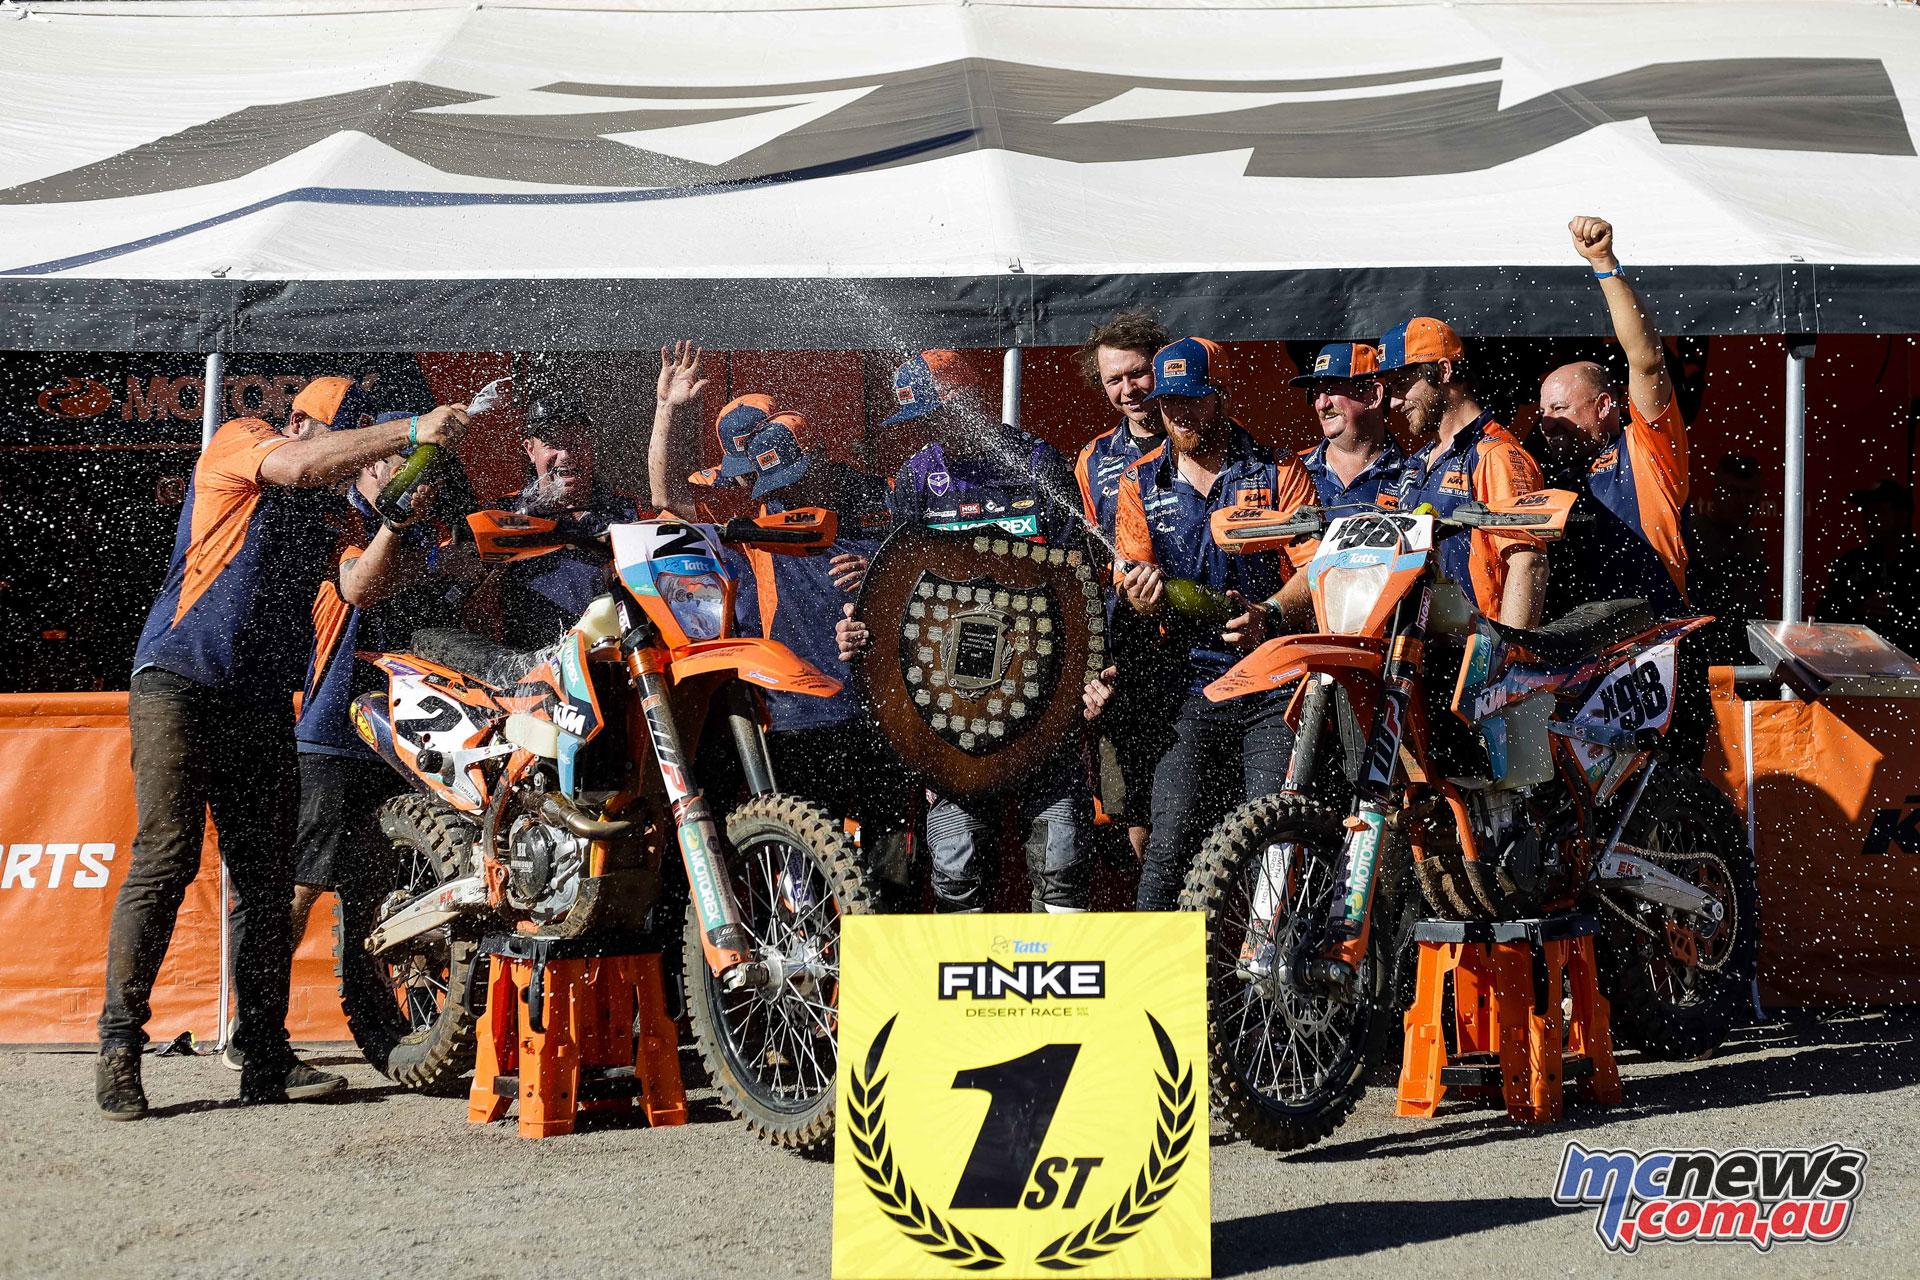 Finke Desert Race podium fm